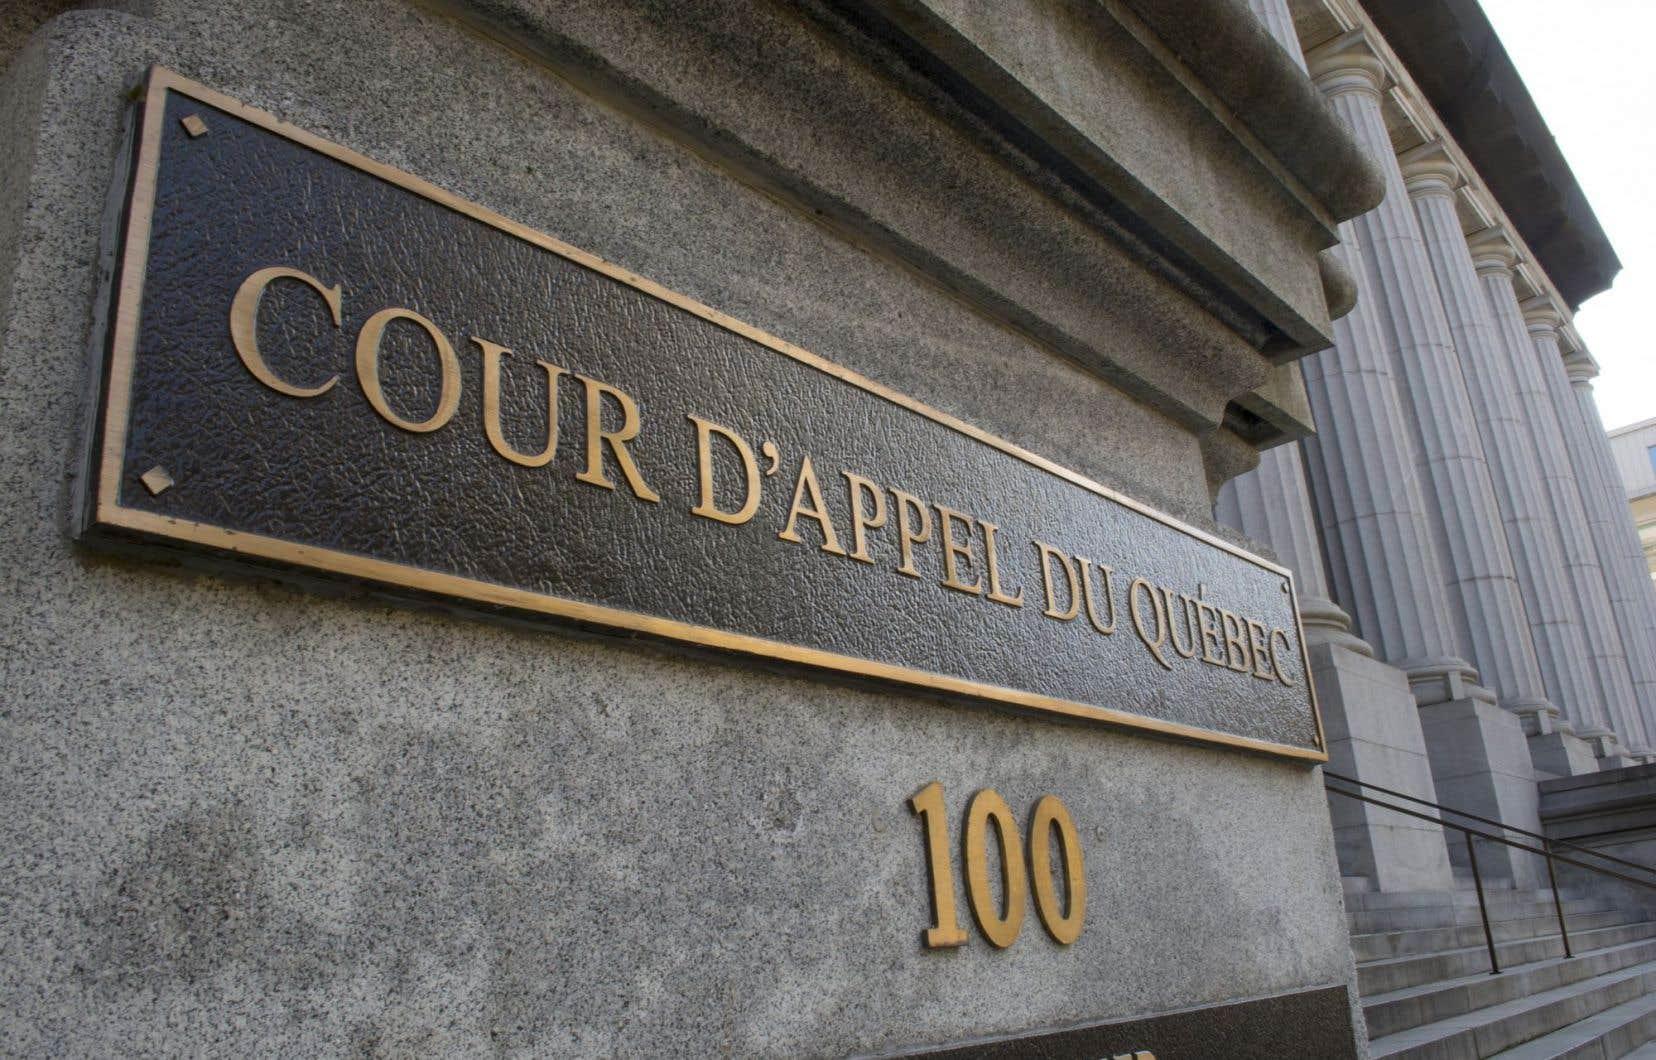 Le mandat de perquisition avait permis la saisie de l'ordinateur du journaliste judiciaire Michaël Nguyen.